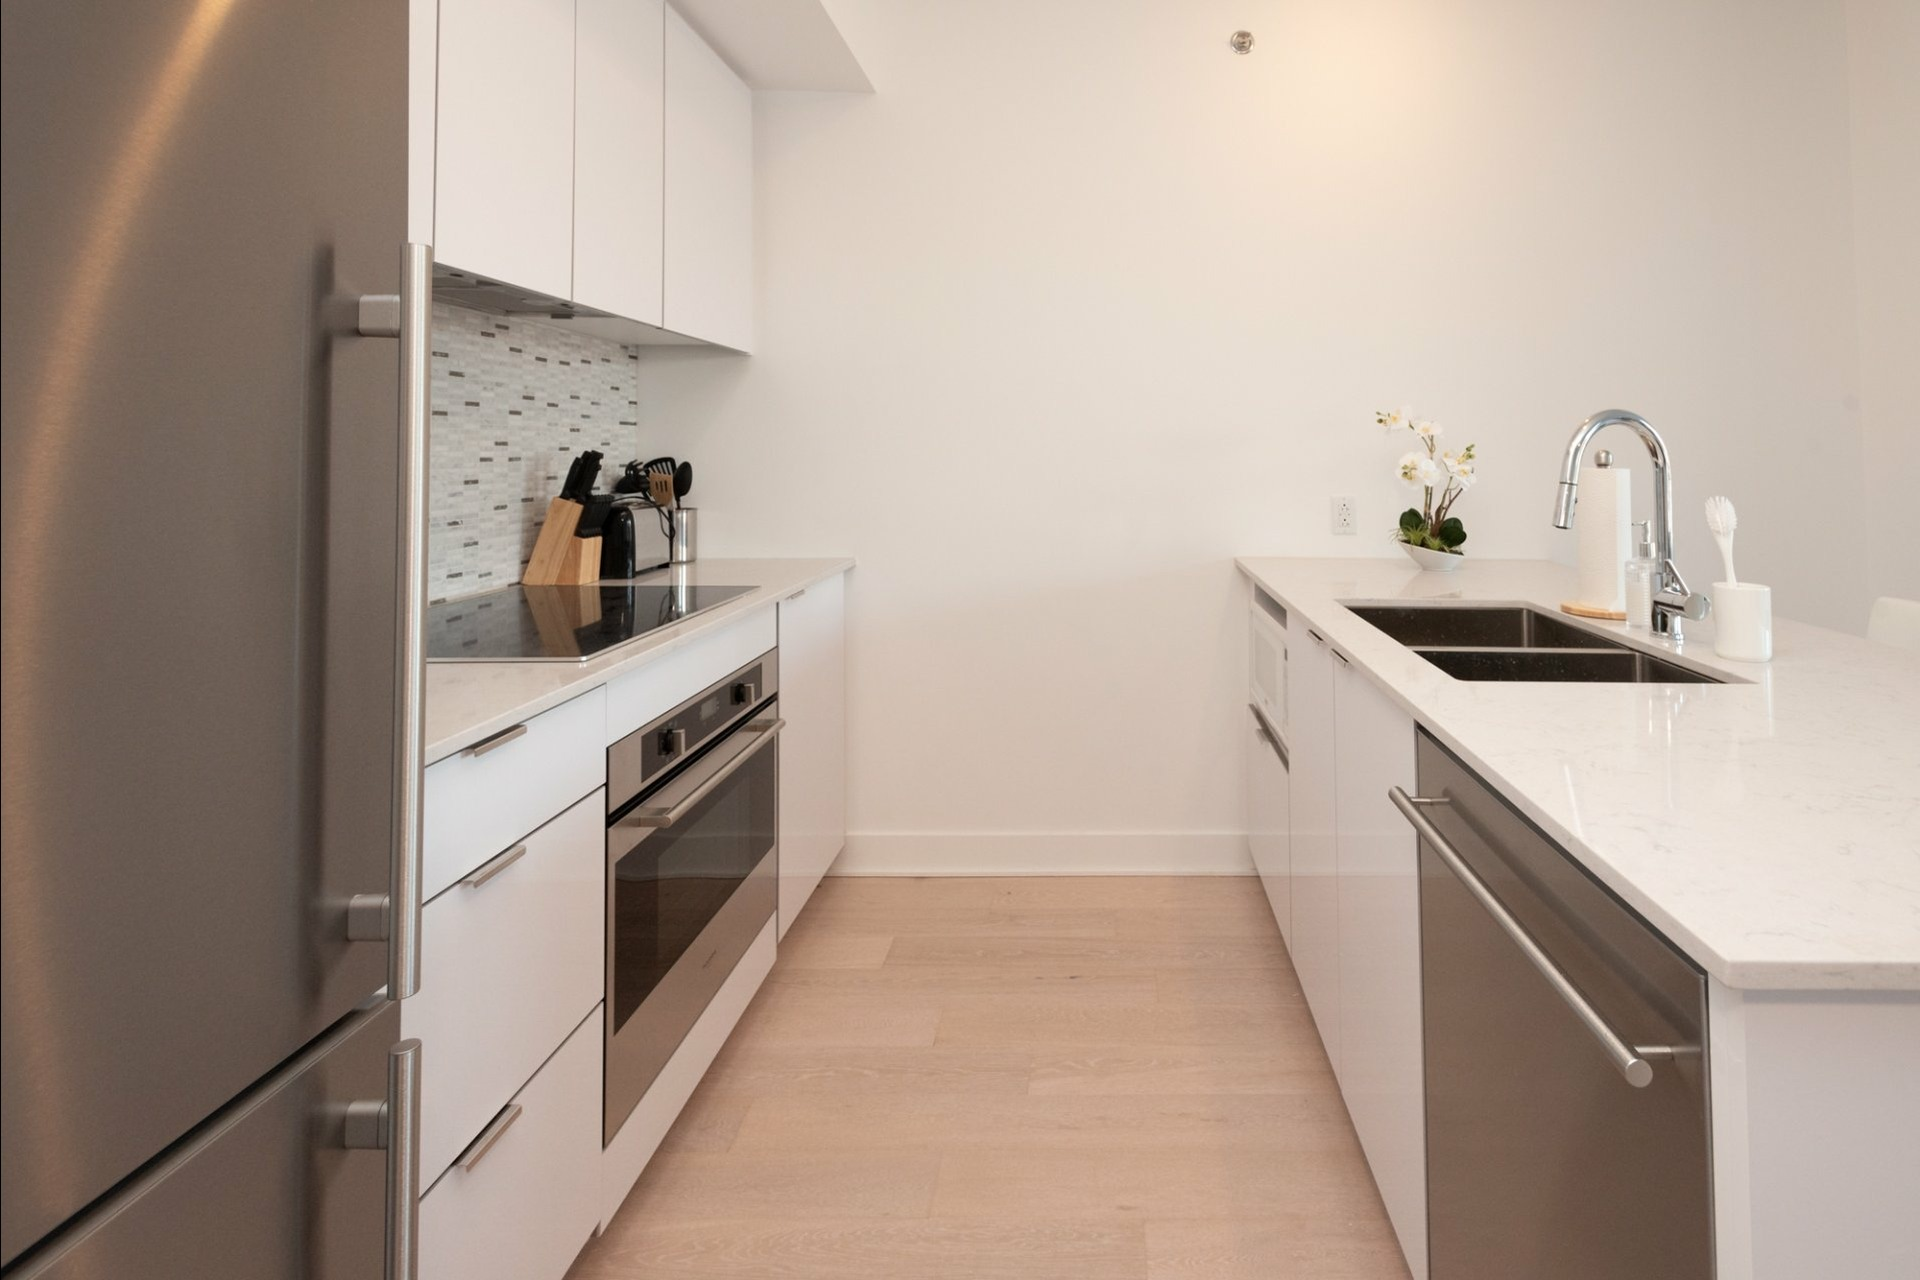 image 10 - Appartement À louer Côte-des-Neiges/Notre-Dame-de-Grâce Montréal  - 5 pièces